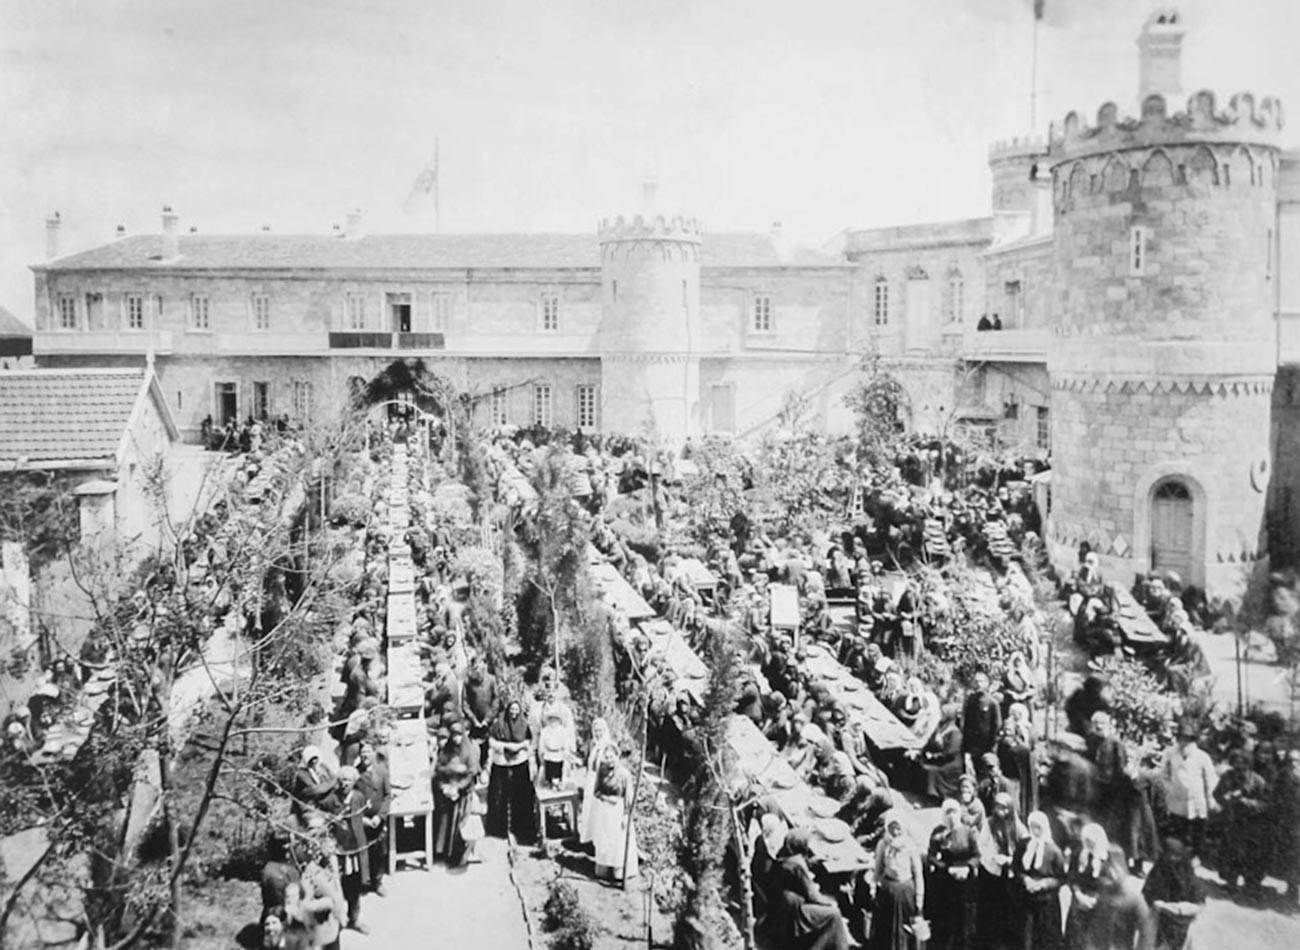 Celebrazioni pasquali nel complesso russo, fine XIX secolo